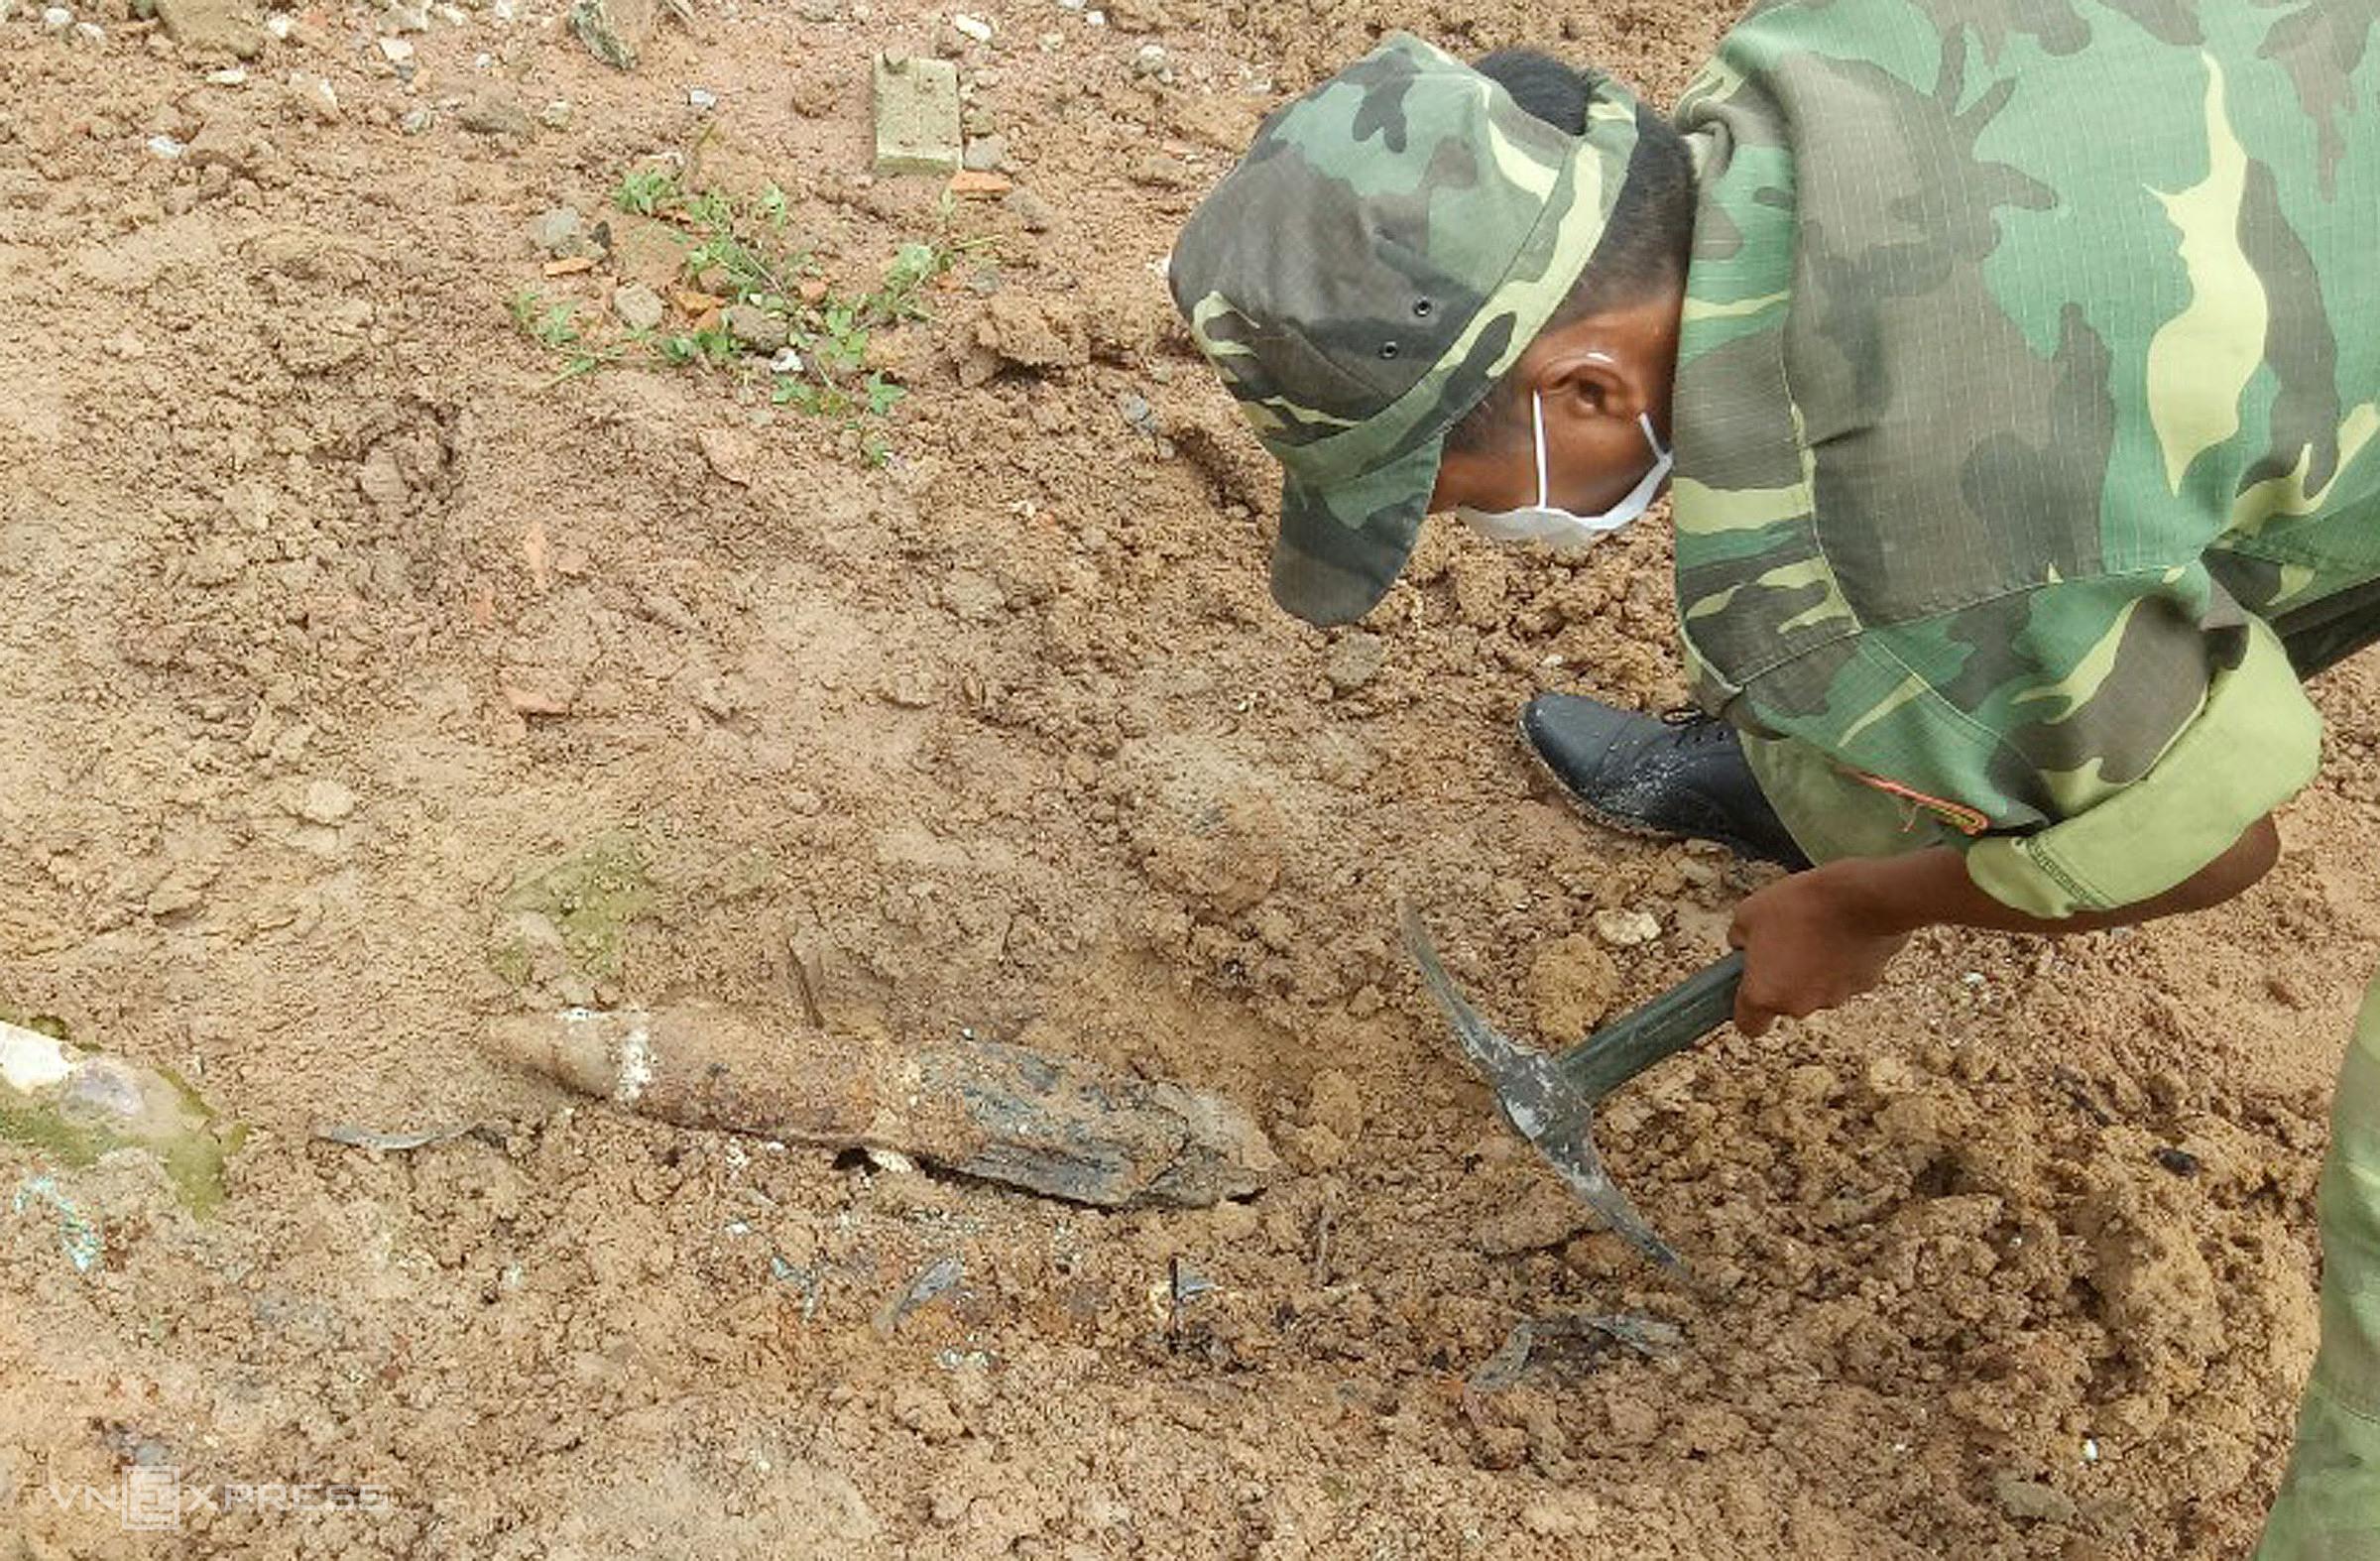 Chiến sĩ công binh đang đào bới từng lớp để xử lý hầm đạn ở Bưu điện Đức Linh. Ảnh: Võ Đạt